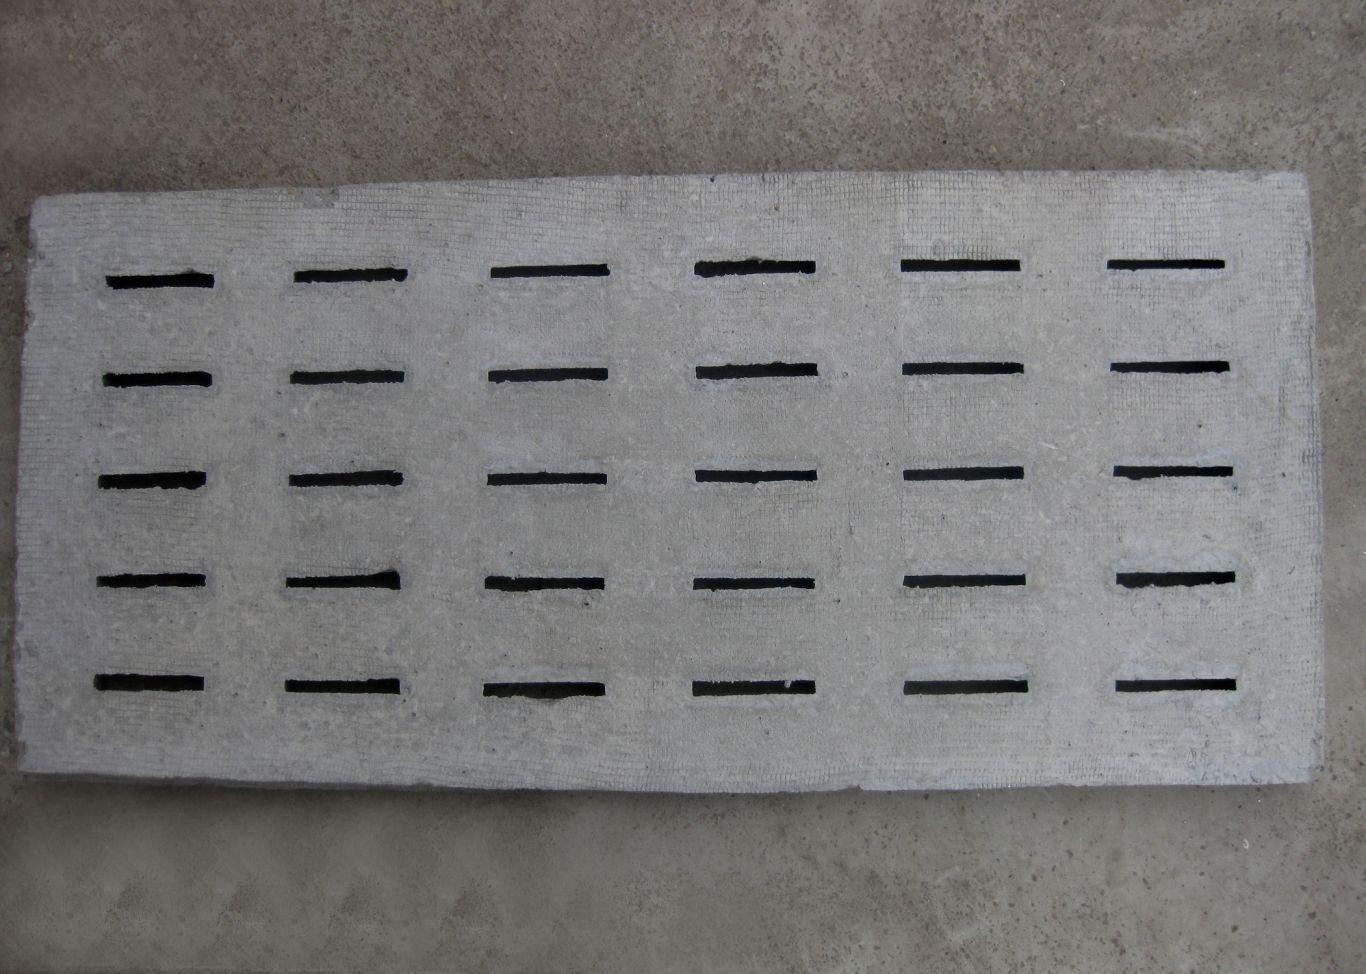 Tấm đan bê tông uy tín tuổi thọ cao